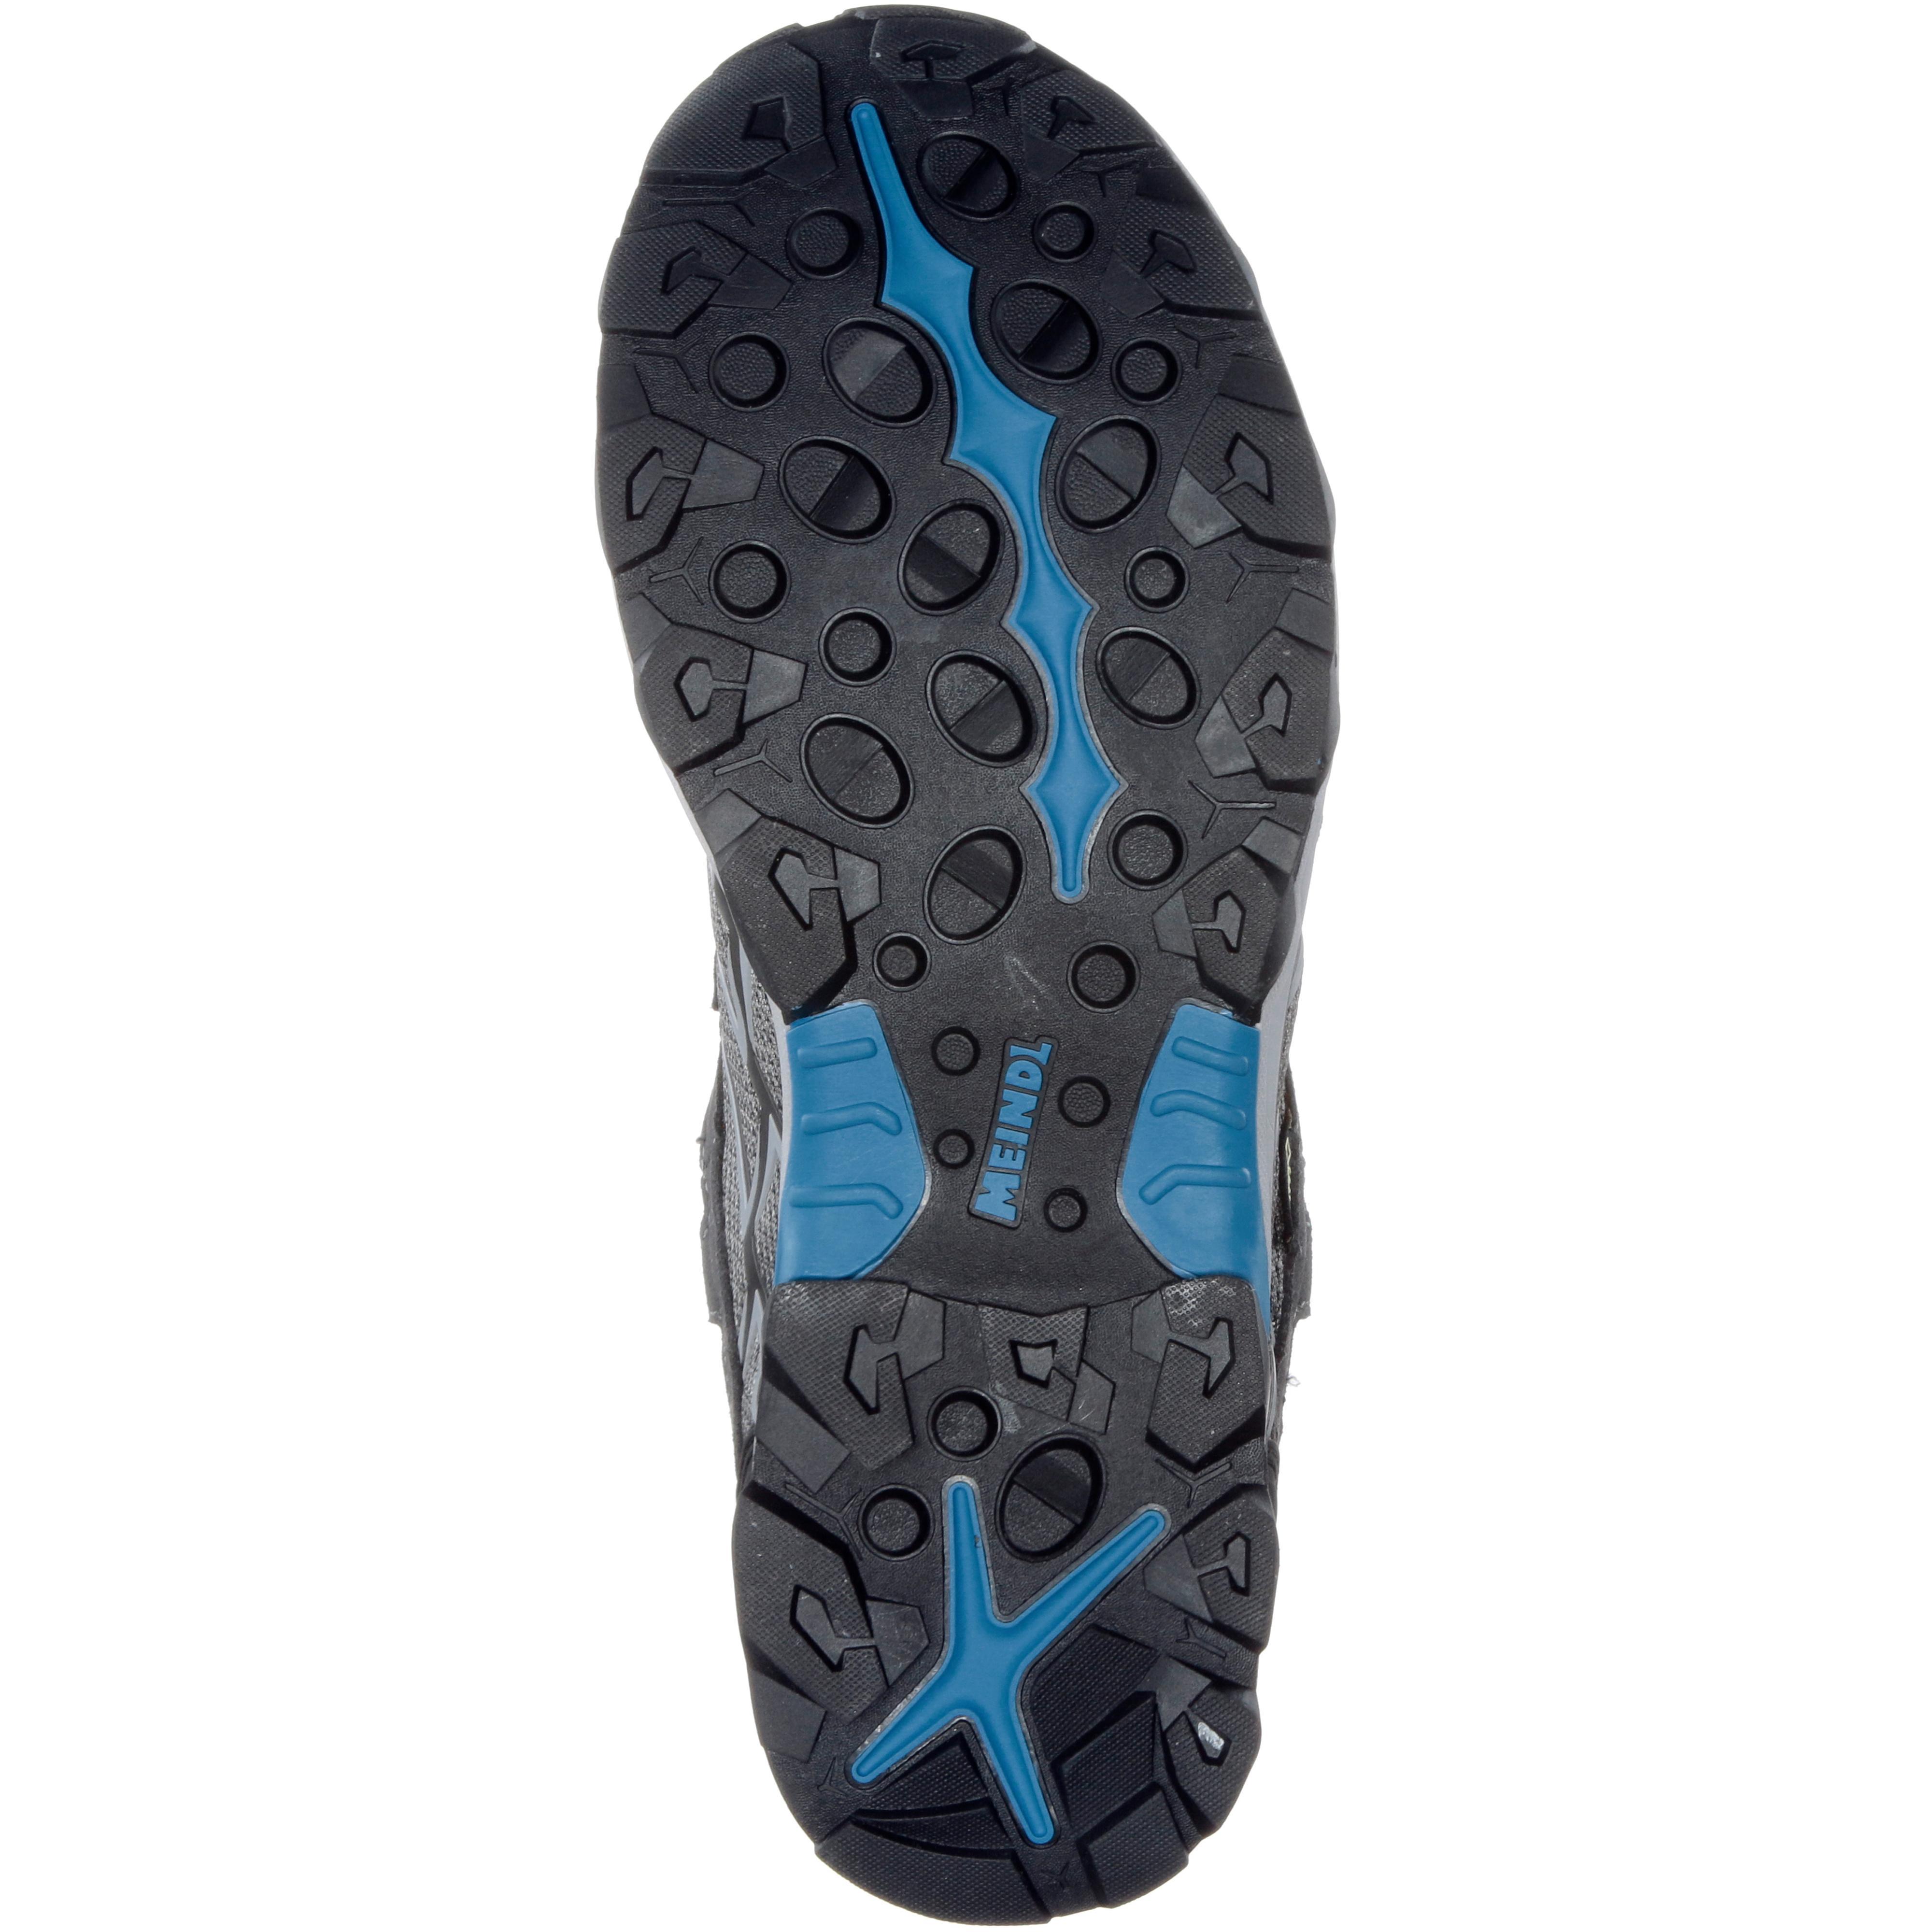 MEINDL Activo GTX Multifunktionsschuhe Herren anthrazit-ocean im Online Shop von von von SportScheck kaufen Gute Qualität beliebte Schuhe f4d940